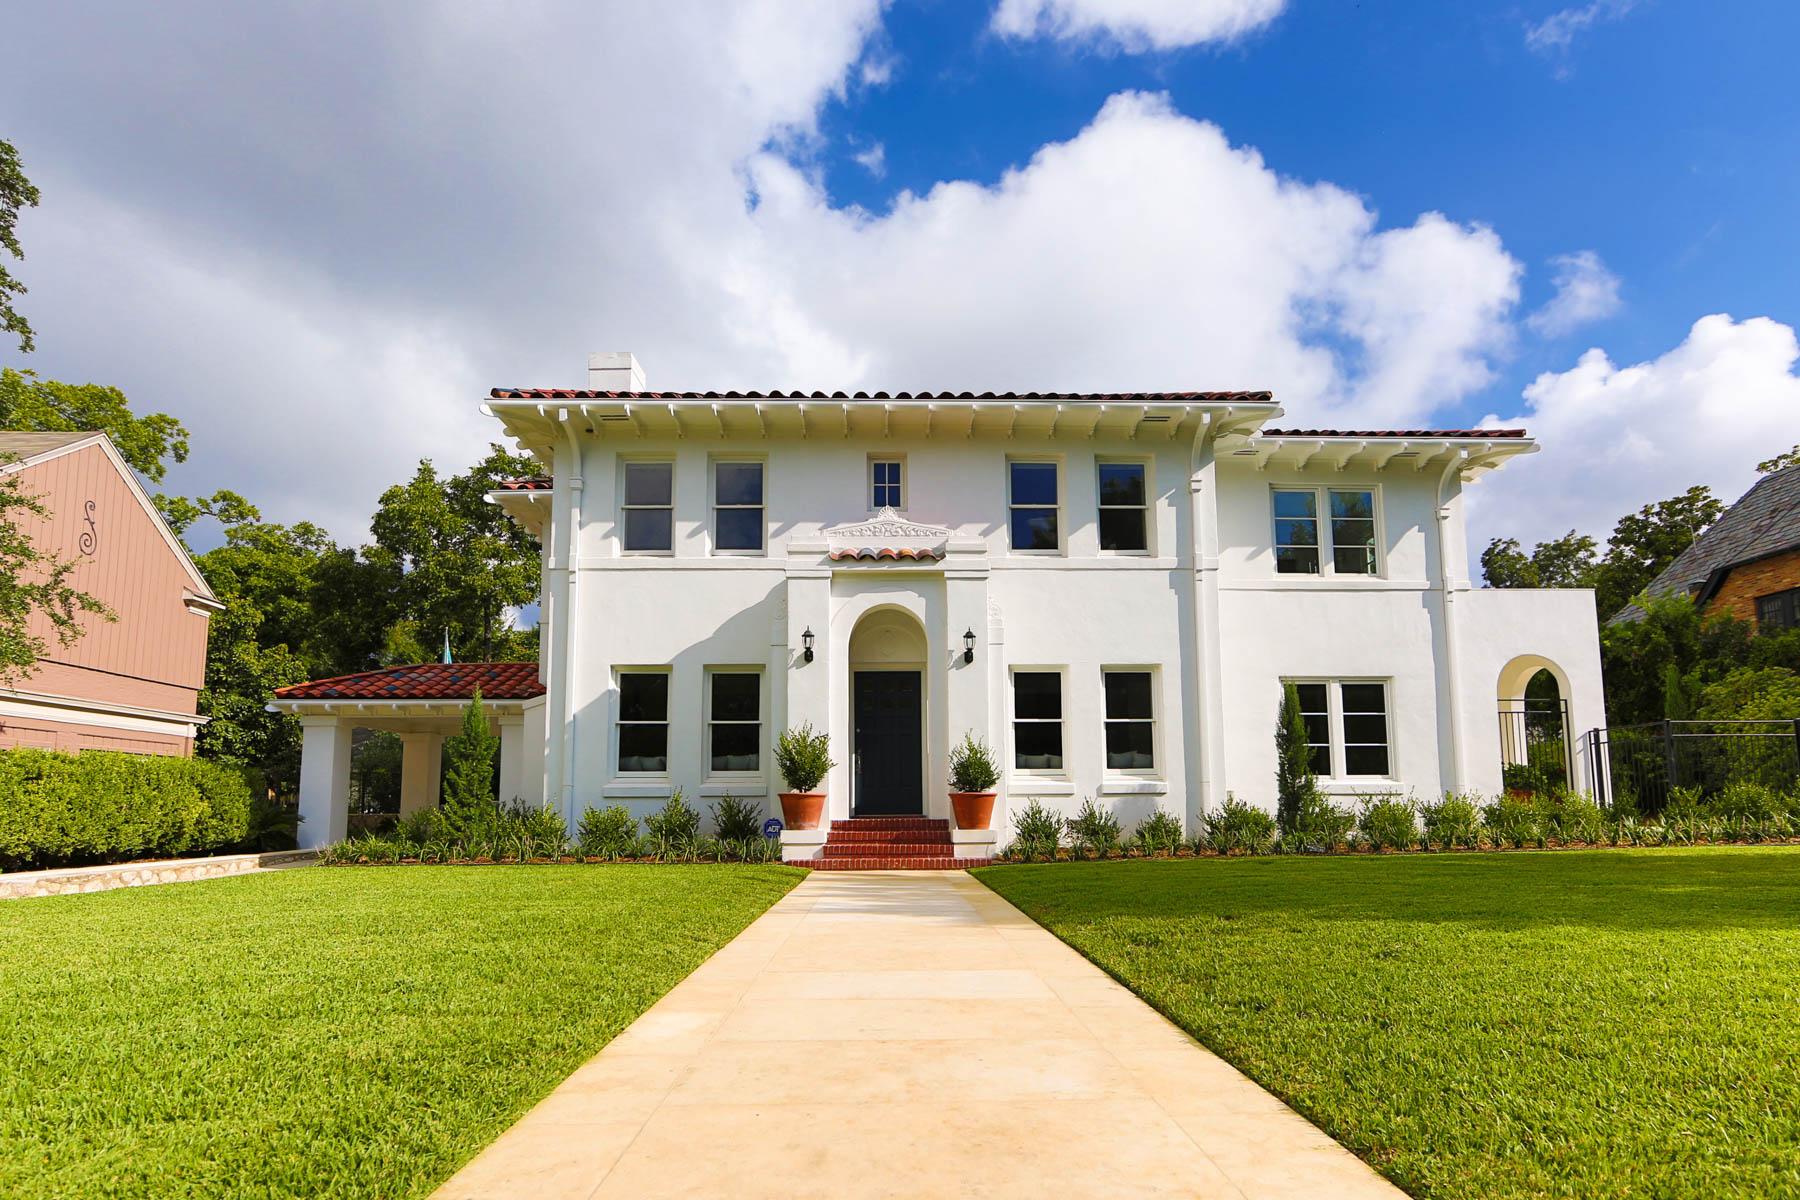 Einfamilienhaus für Verkauf beim Mediterranean Style Home in Monte Vista 117 W Gramercy Pl Monte Vista, San Antonio, Texas 78212 Vereinigte Staaten